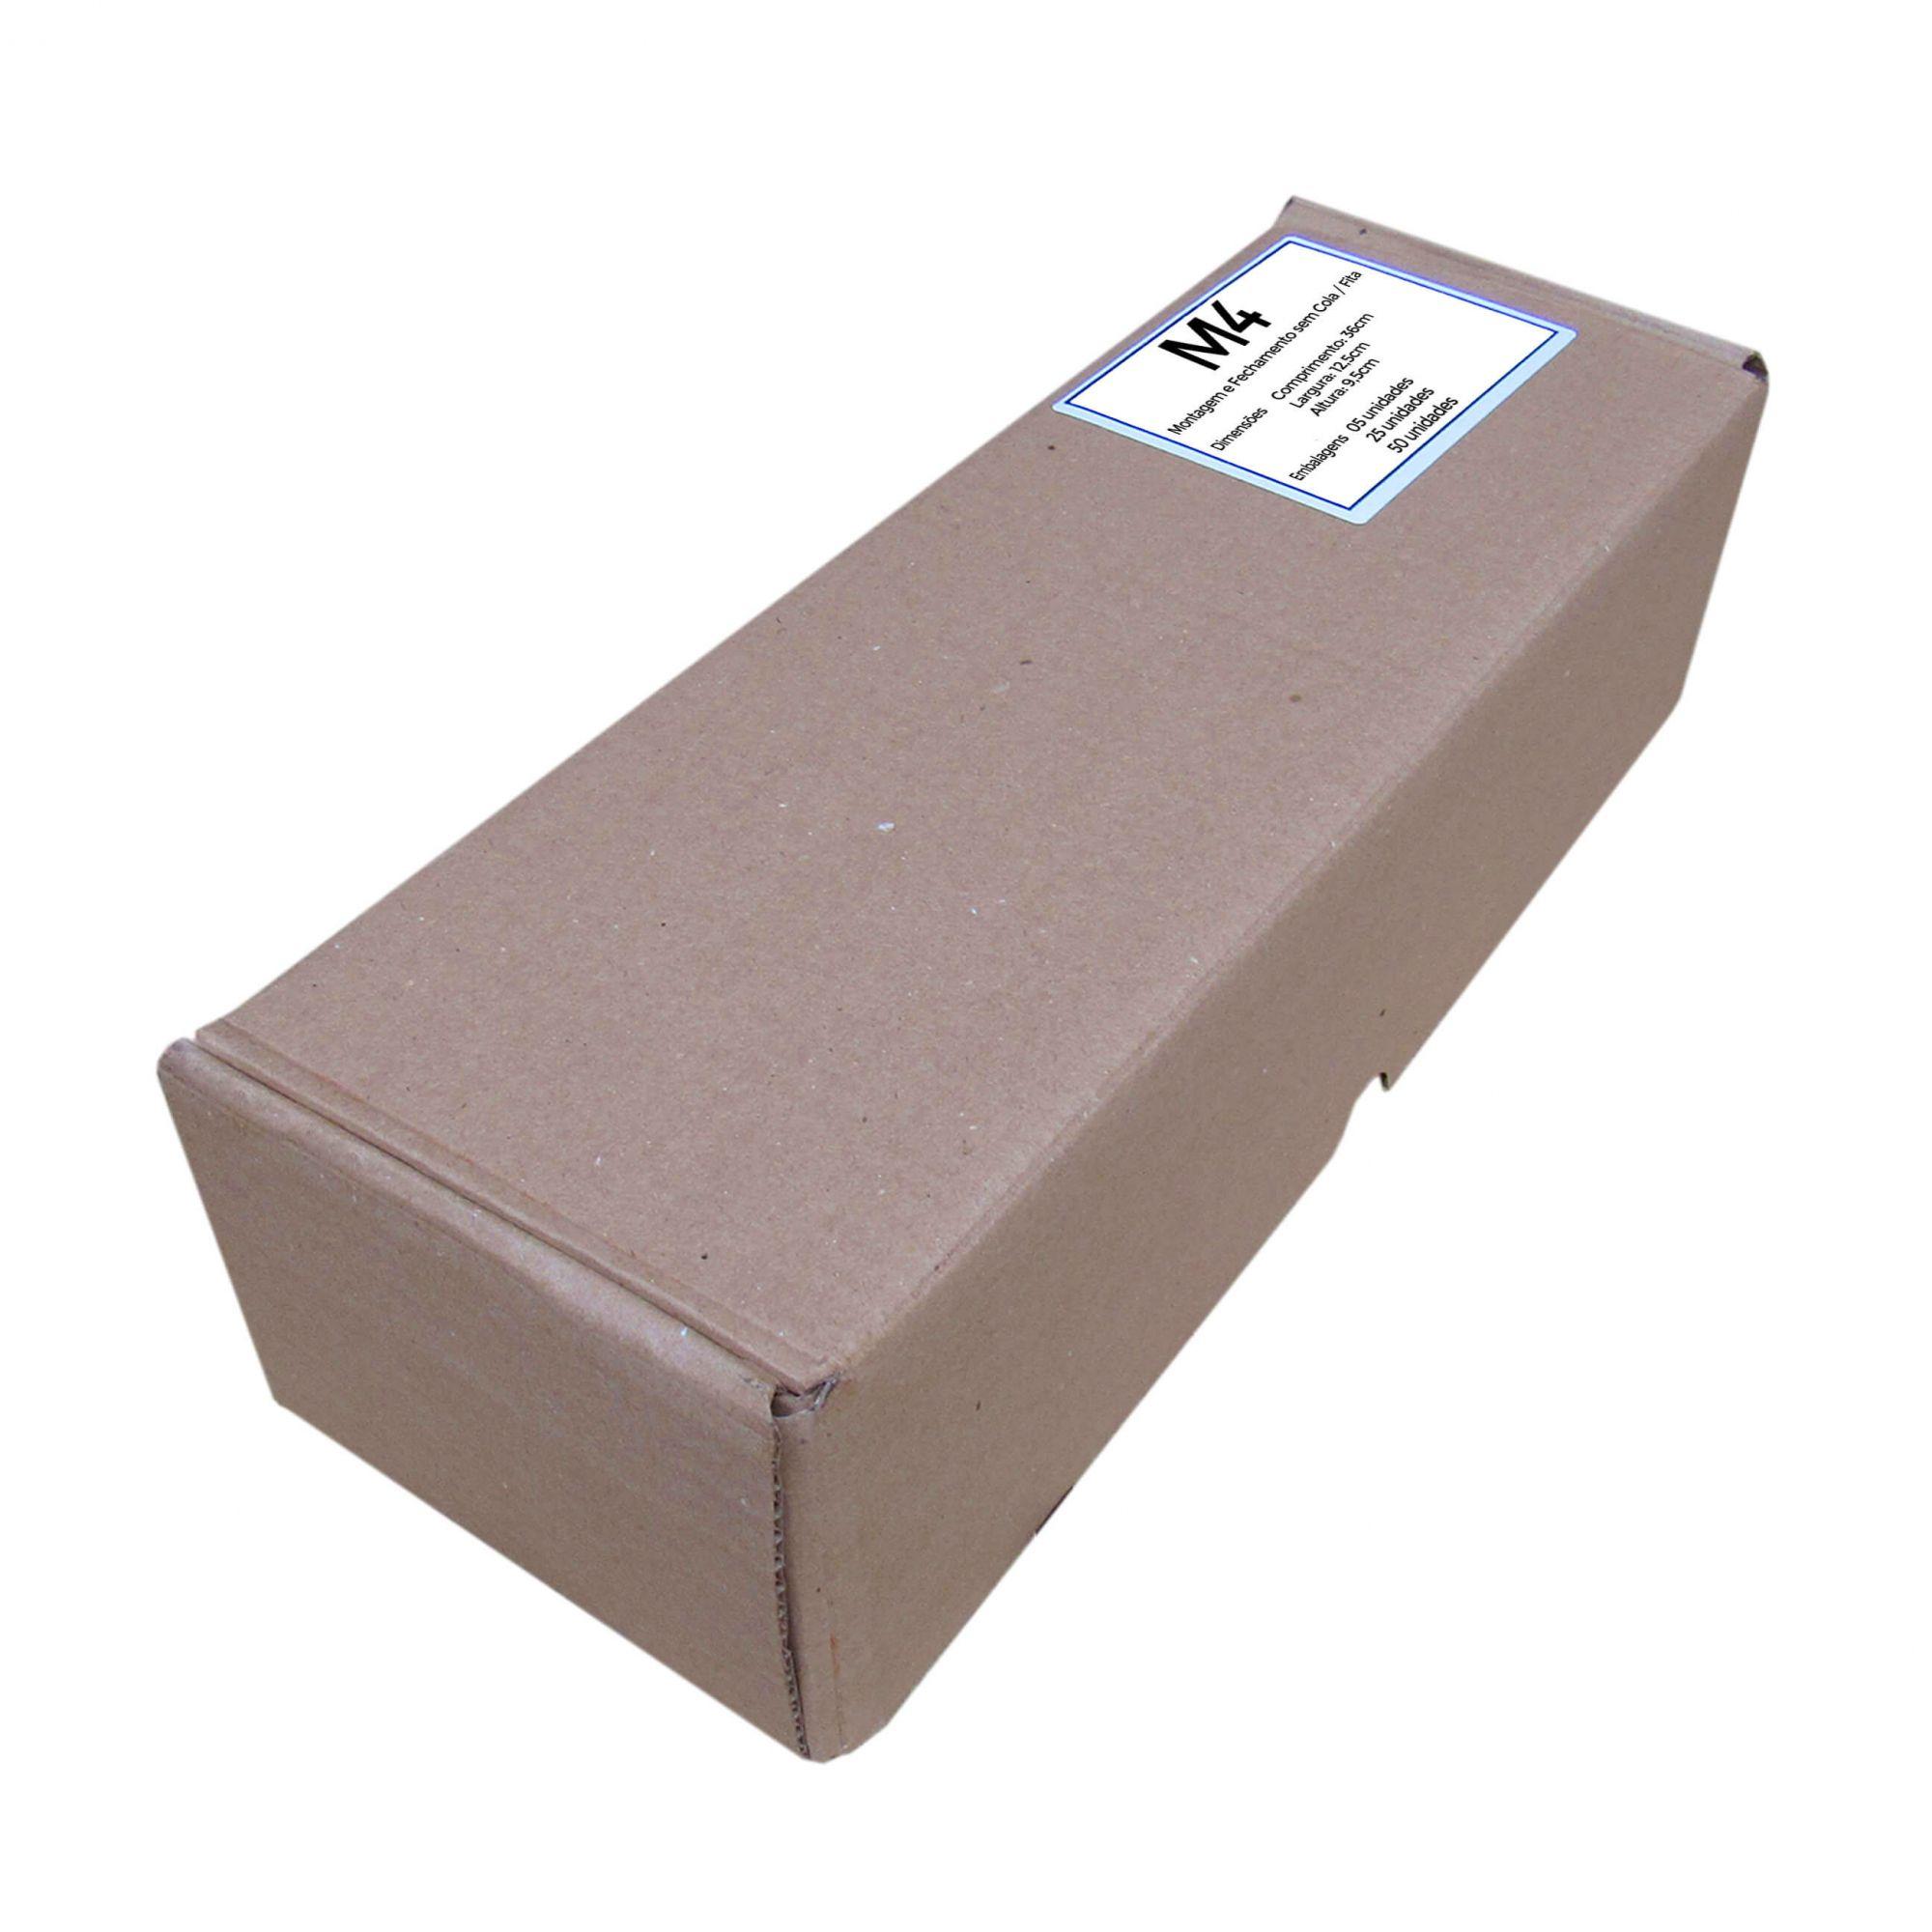 Caixa de Papelão para correios M4 36x13x10cm Marpax 50 un